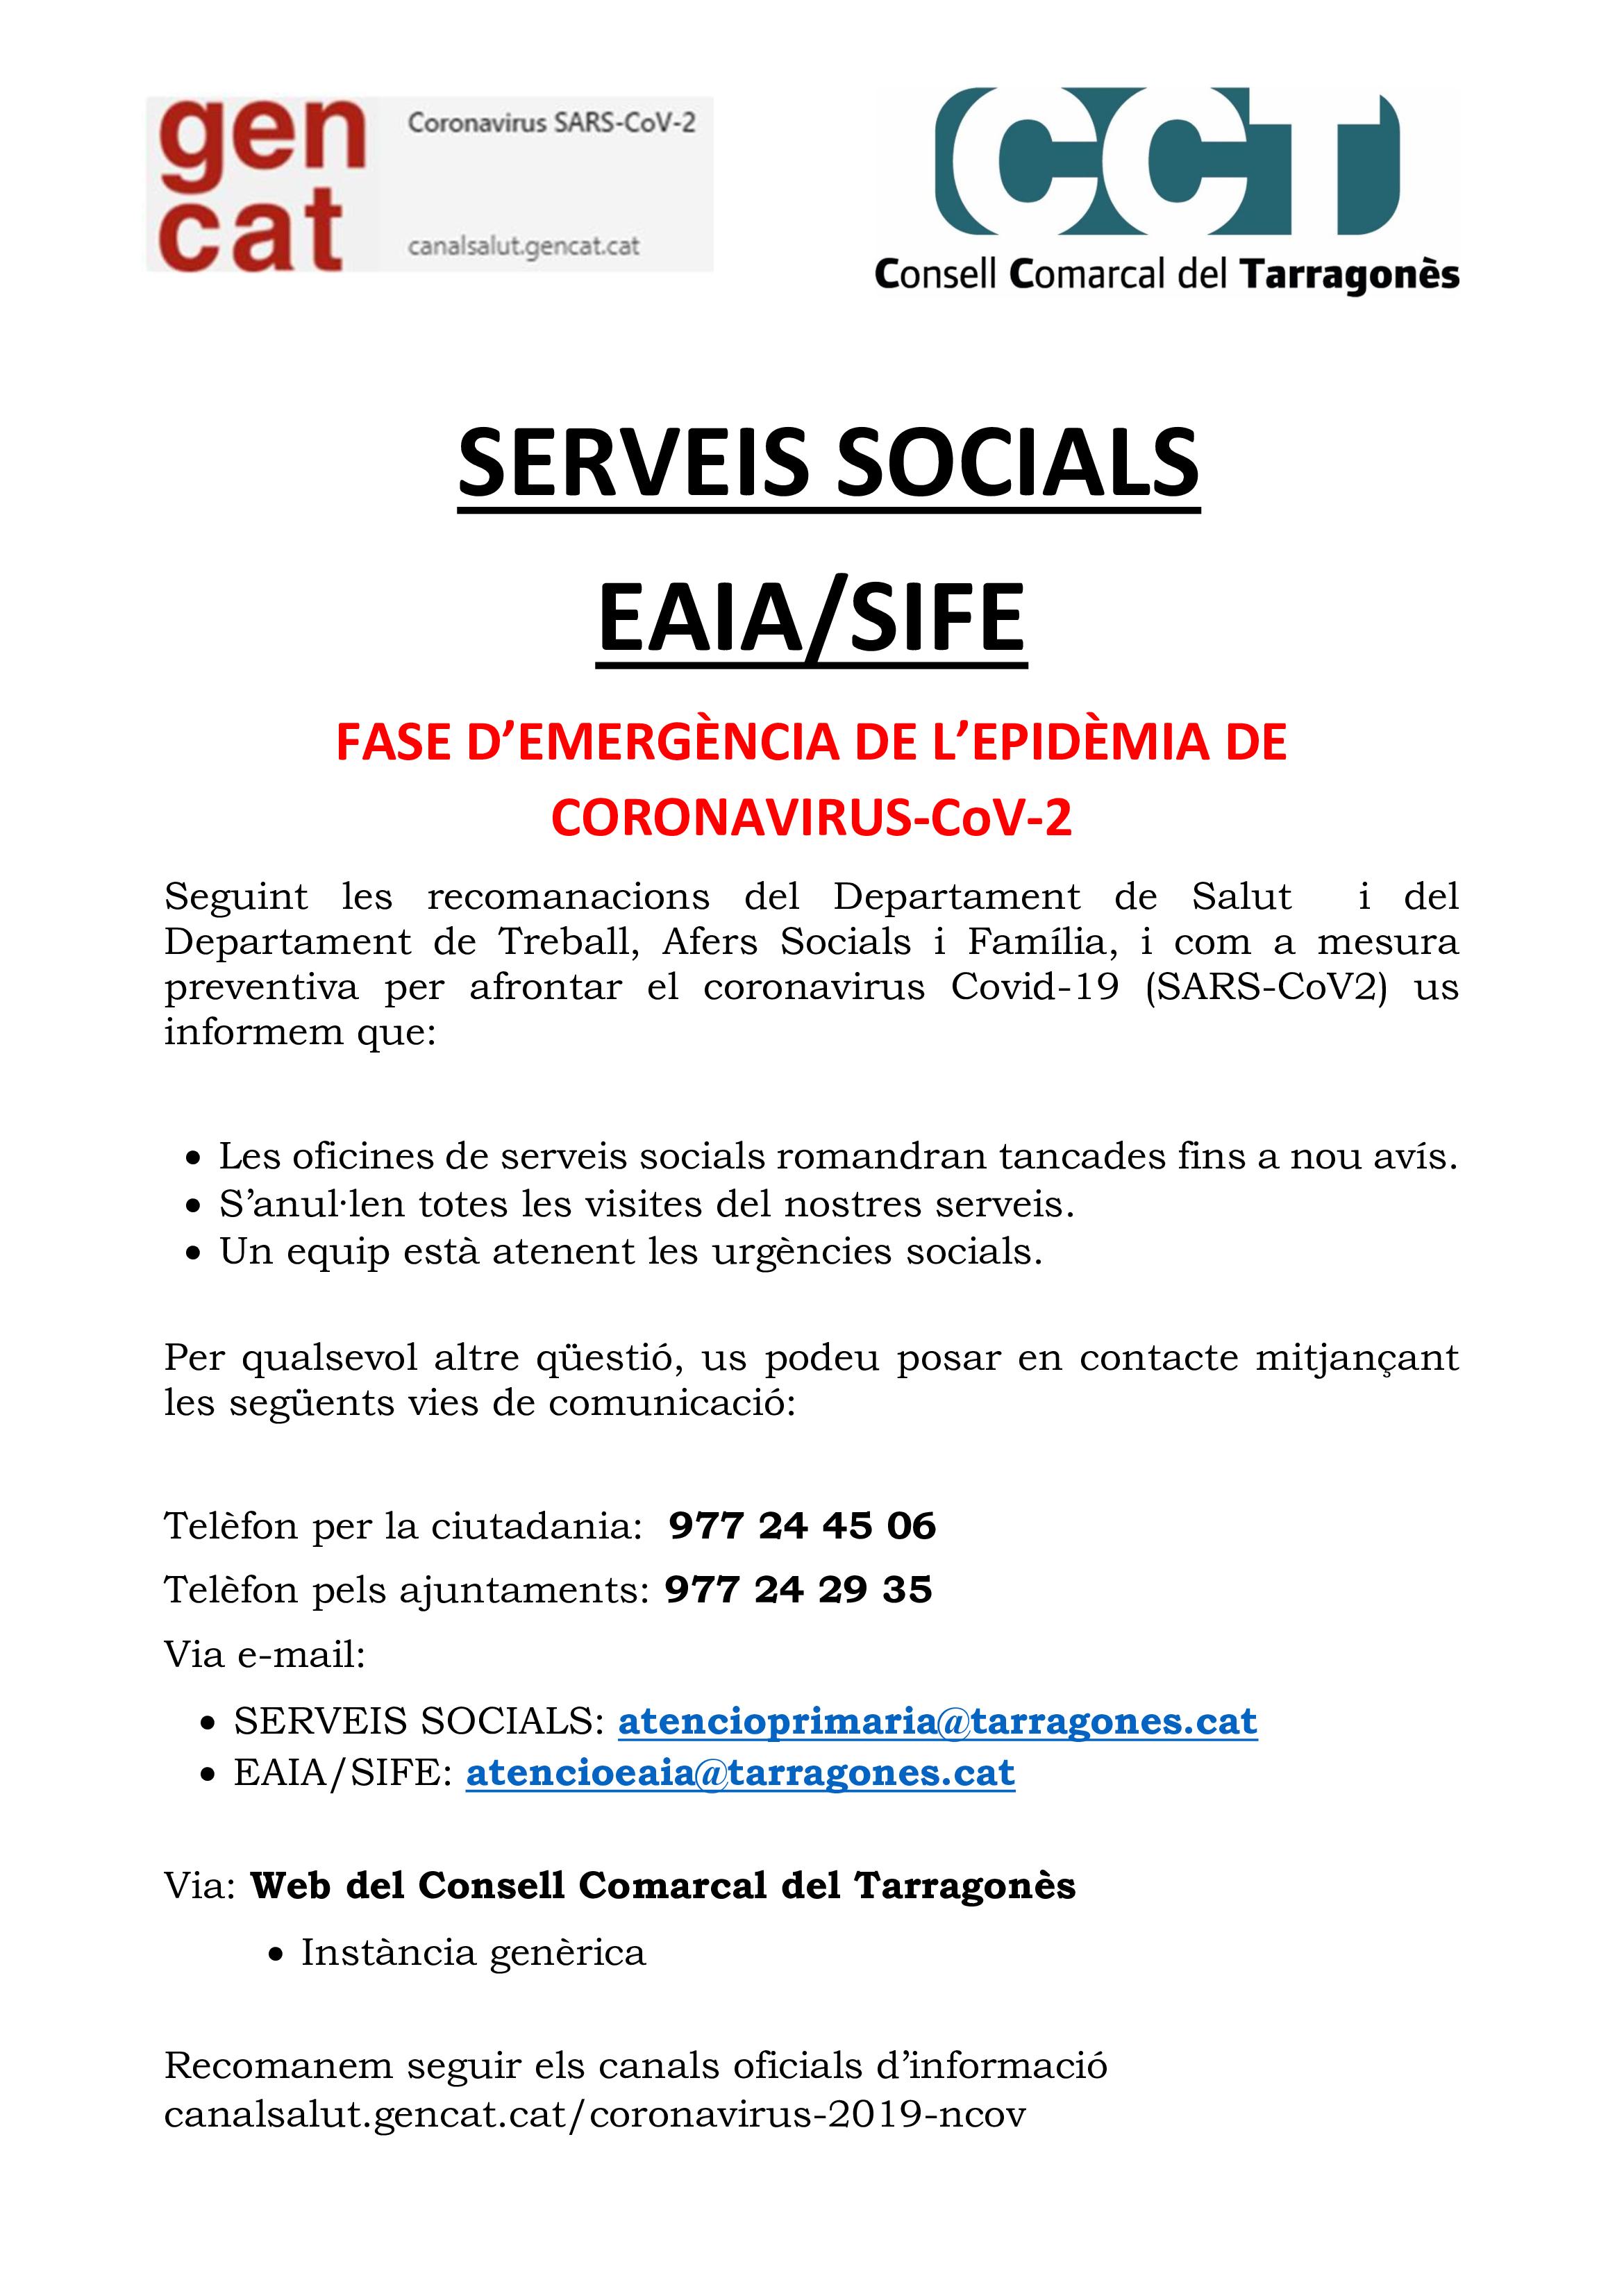 CCT – SERVICIOS SOCIALES EAIA / SIFE